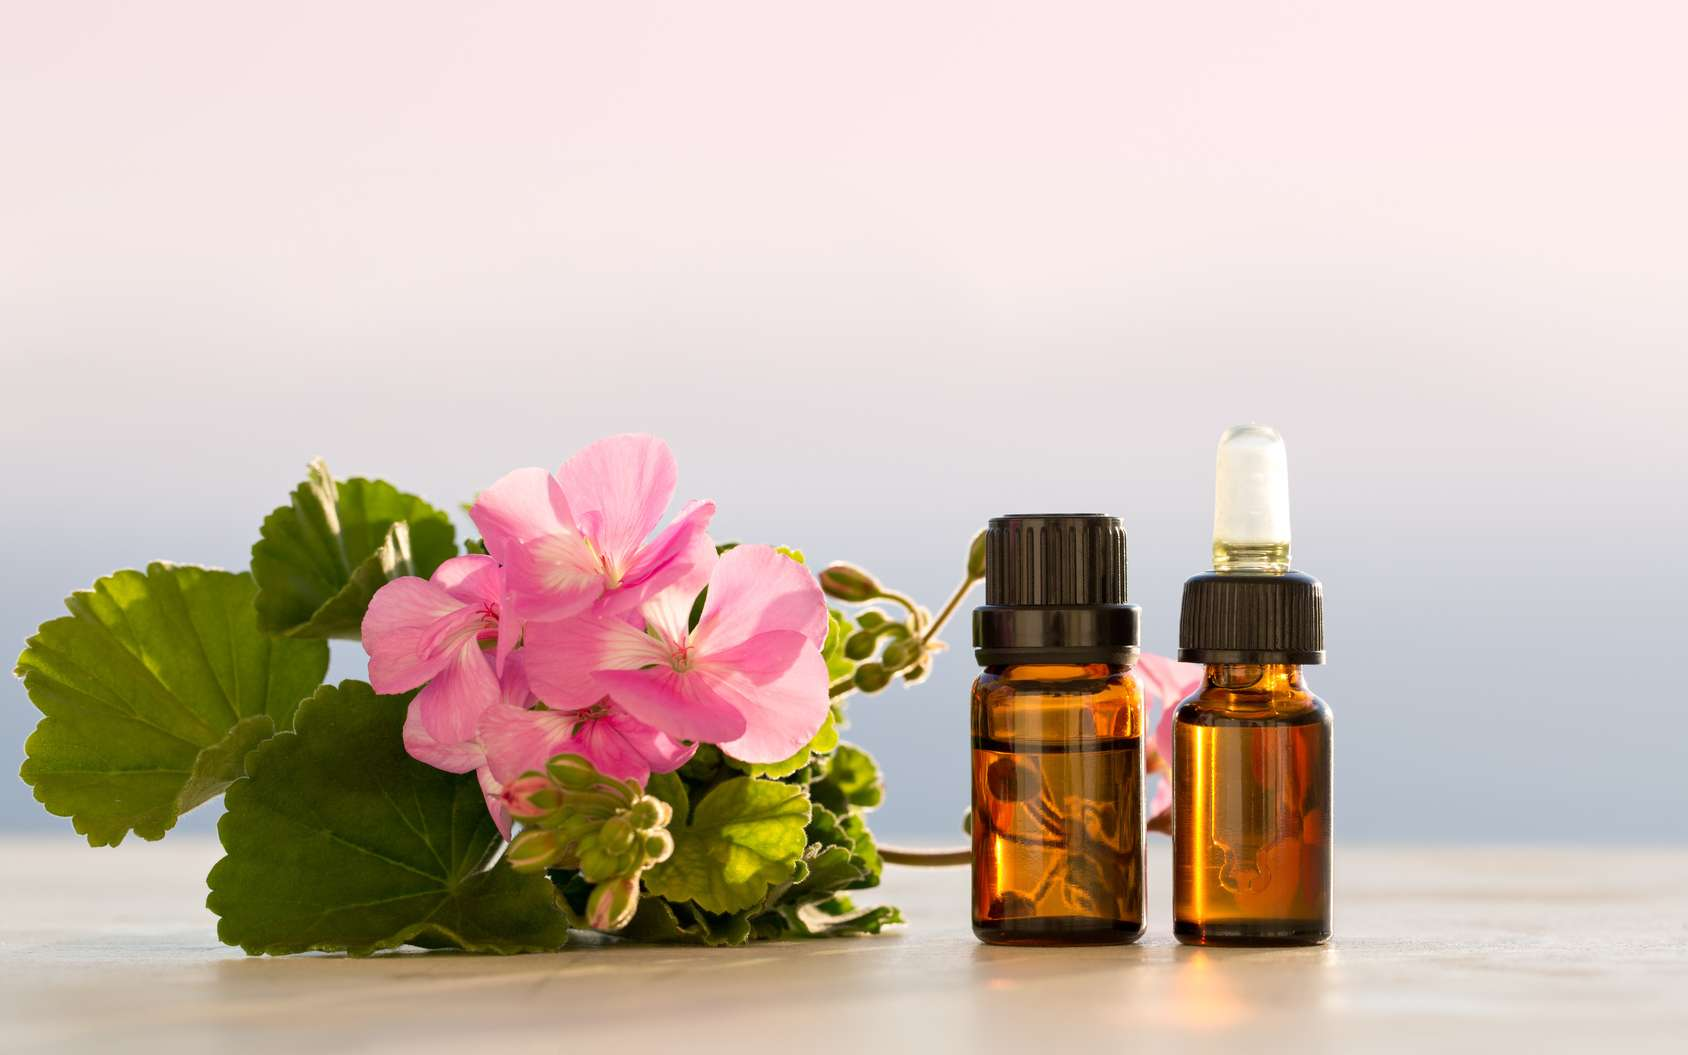 Si l'huile essentielle de géranium rosat permet d'aider le contrôle de la glycémie chez les personnes diabétiques, elle ne remplace aucunement les traitements allopathiques classiques. © orlio, Fotolia